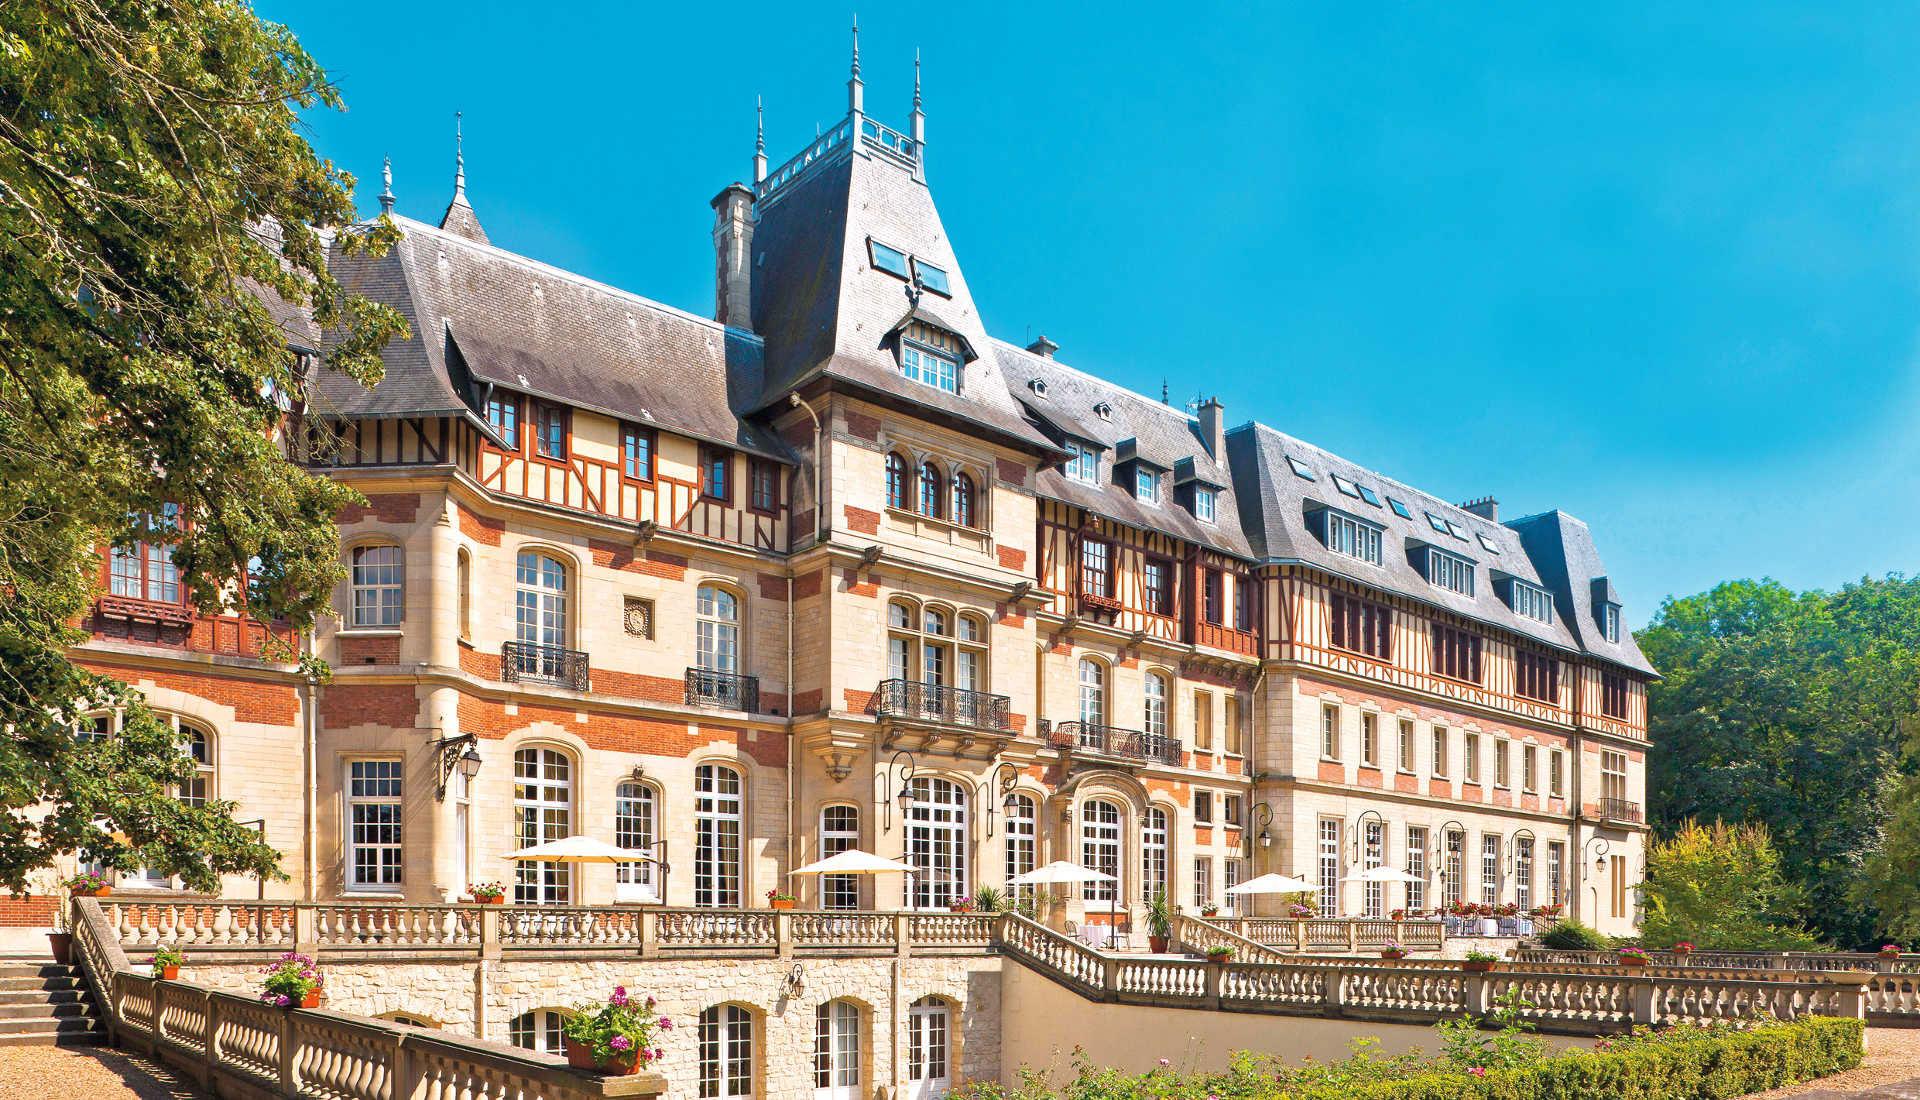 H tel ch teau de montvillargenne r gion parisienne for Chateau hotel paris